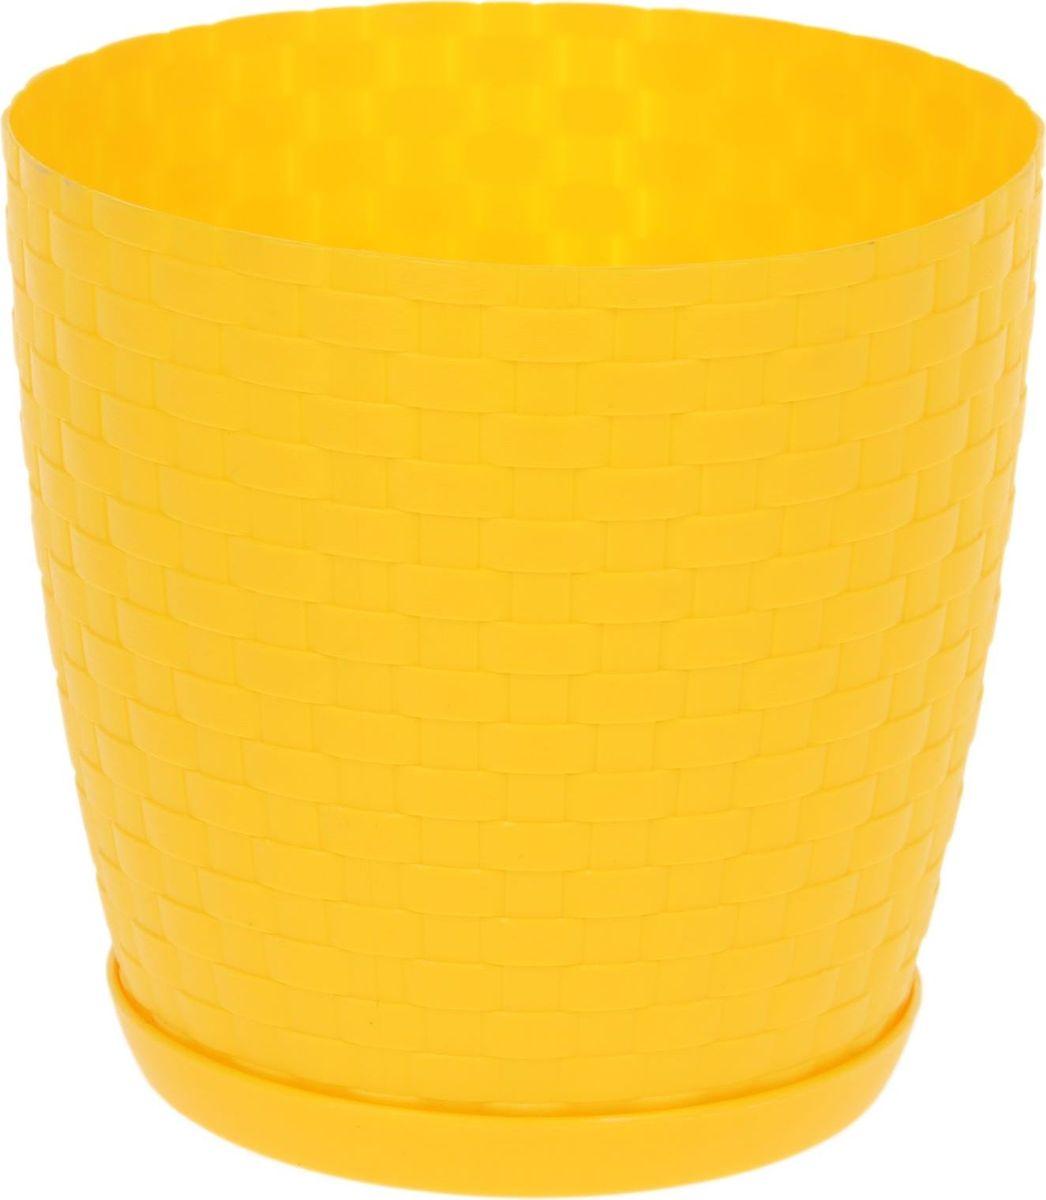 Горшок для цветов Петропласт Ротанг, с поддоном, цвет: желтый, 1,2 л531-105Любой, даже самый современный и продуманный интерьер будет не завершённым без растений. Они не только очищают воздух и насыщают его кислородом, но и заметно украшают окружающее пространство. Такому полезному члену семьи просто необходимо красивое и функциональное кашпо, оригинальный горшок или необычная ваза! Мы предлагаем - Горшок для цветов 1,2 л с поддоном Ротанг, цвет желтый! Оптимальный выбор материала пластмасса! Почему мы так считаем? -Малый вес. С лёгкостью переносите горшки и кашпо с места на место, ставьте их на столики или полки, подвешивайте под потолок, не беспокоясь о нагрузке. -Простота ухода. Пластиковые изделия не нуждаются в специальных условиях хранения. Их легко чистить достаточно просто сполоснуть тёплой водой. -Никаких царапин. Пластиковые кашпо не царапают и не загрязняют поверхности, на которых стоят. -Пластик дольше хранит влагу, а значит растение реже нуждается в поливе. -Пластмасса не пропускает воздух корневой системе растения не грозят резкие перепады температур. -Огромный выбор форм, декора и расцветок вы без труда подберёте что-то, что идеально впишется в уже существующий интерьер. Соблюдая нехитрые правила ухода, вы можете заметно продлить срок службы горшков, вазонов и кашпо из пластика: -всегда учитывайте размер кроны и корневой системы растения (при разрастании большое растение способно повредить маленький горшок)-берегите изделие от воздействия прямых солнечных лучей, чтобы кашпо и горшки не выцветали-держите кашпо и горшки из пластика подальше от нагревающихся поверхностей. Создавайте прекрасные цветочные композиции, выращивайте рассаду или необычные растения, а низкие цены позволят вам не ограничивать себя в выборе.